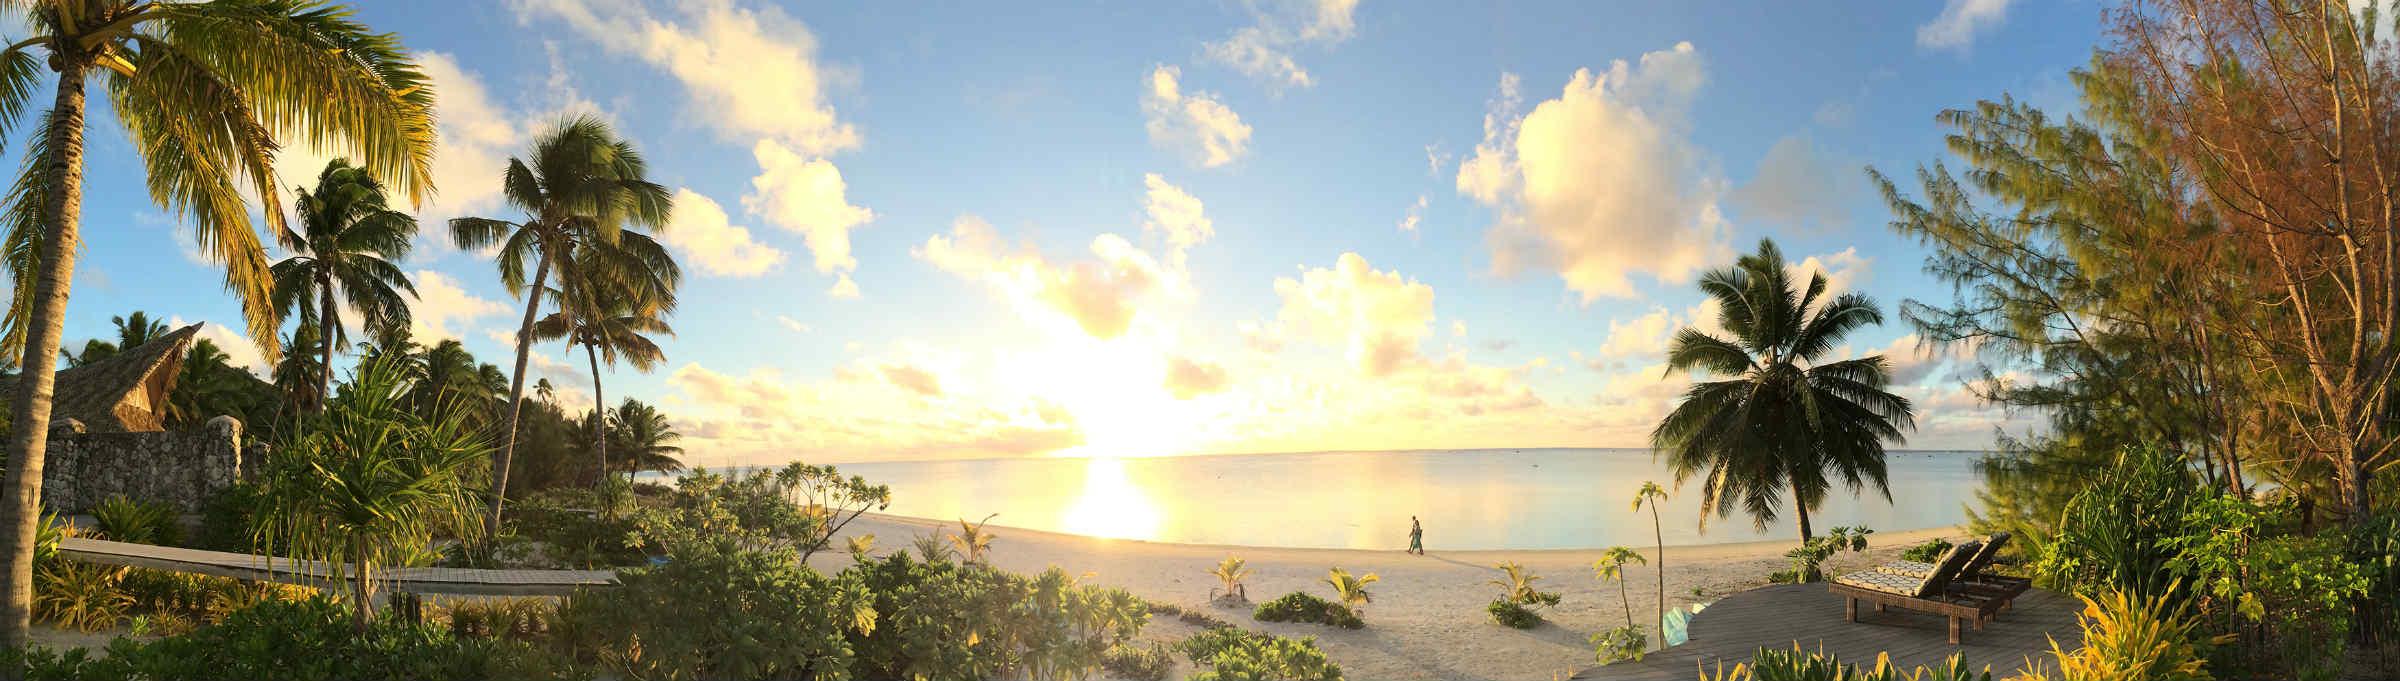 Aitutaki_Escae_panorama_beach